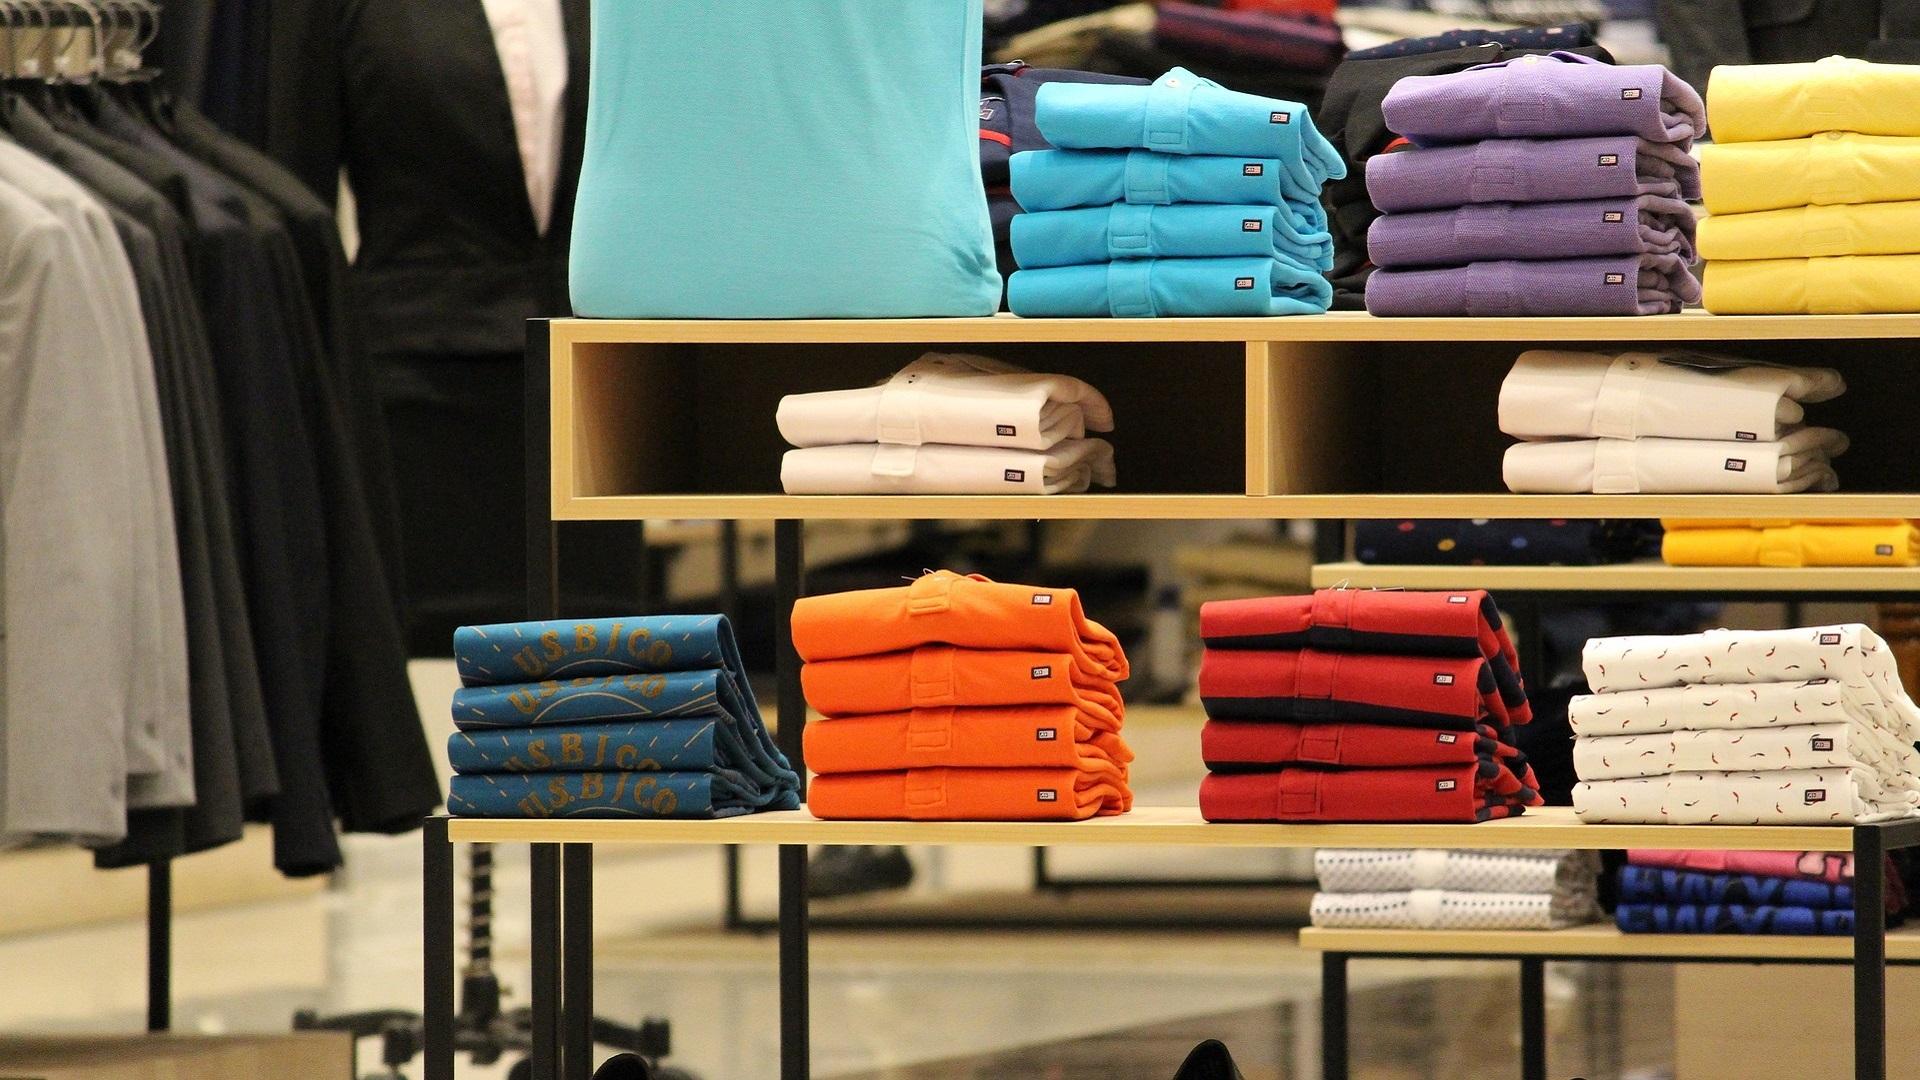 Tshirt-2428521_1920x1080.jpg